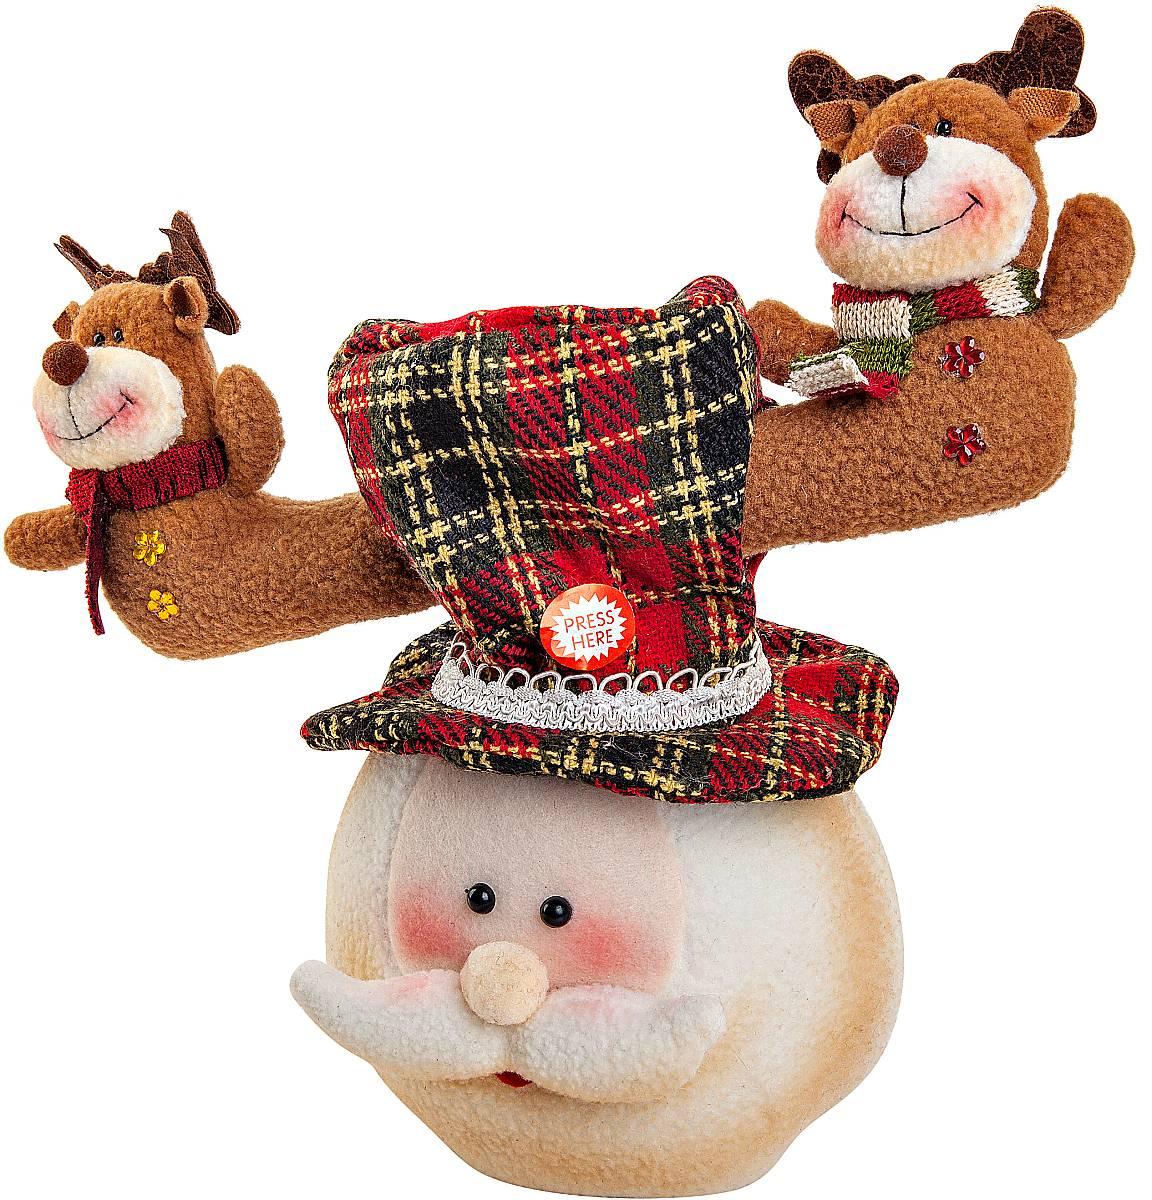 Игрушка новогодняя Mister Christmas Дед Мороз, электромеханическая, высота 30 смLH-F2-SET/4Новогодняя пляшущая и поющая игрушка Mister Christmas Дед Мороз послужит оригинальным подарком в преддверии Нового года.Внешний вид сувенира весьма незатейлив. Изделие выполнено в виде головы Деда Мороза с колпаком, дополнением служат рога с фигурами оленей. При нажатии на эти рожки игрушка начинает двигаться в такт песни. Несмотря на столь ритмичные движения, механизм игрушки прослужит очень и очень долго. Все материалы, входящие в состав игрушки, прошли тщательные проверки и отличаются высочайшим качеством. Так же стоит отметить и то, что все материалы экологичны и безопасны. Работает от батареек (входят в комплект). Собираясь на празднование Нового года, прихватите с собой новогоднюю музыкальную игрушку Mister Christmas Дед Мороз, ведь это подарок, который говорит сам за себя!Высота игрушки: 30 см.